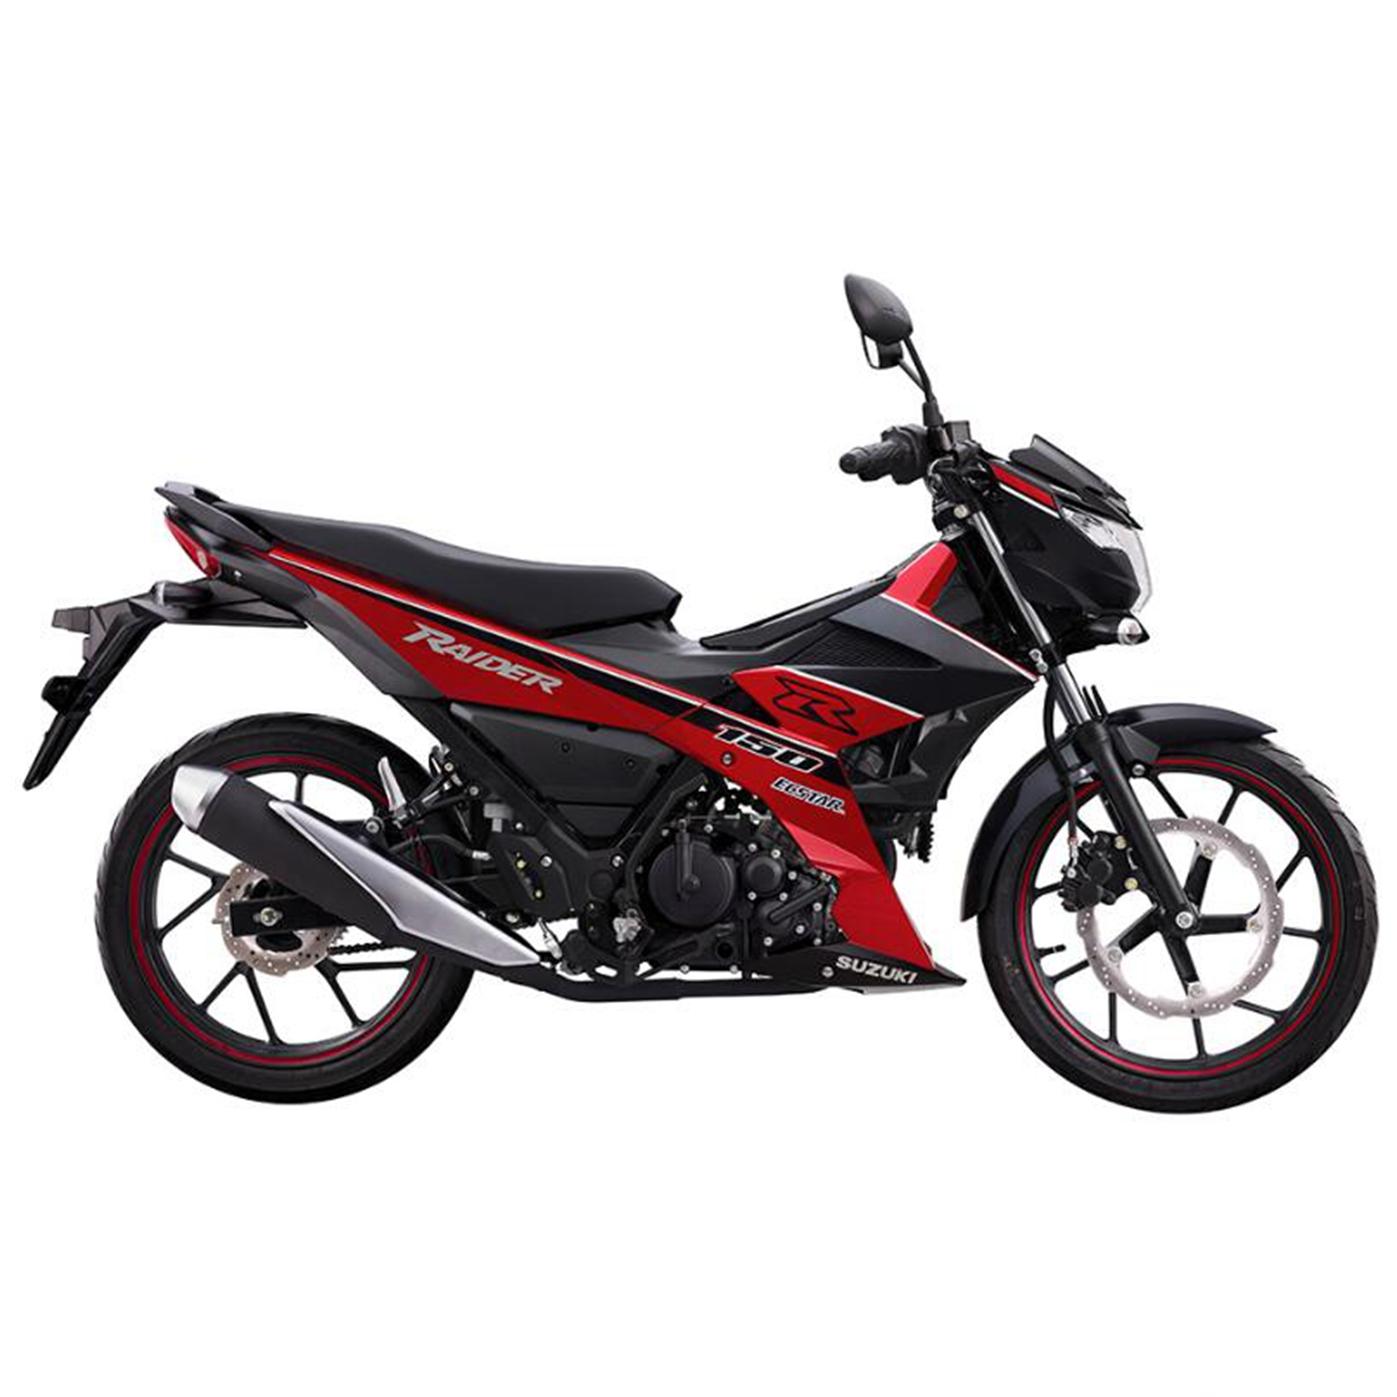 Brand New Vietnam Suzuki Raider R150 Fi Cub Buy Vietnam